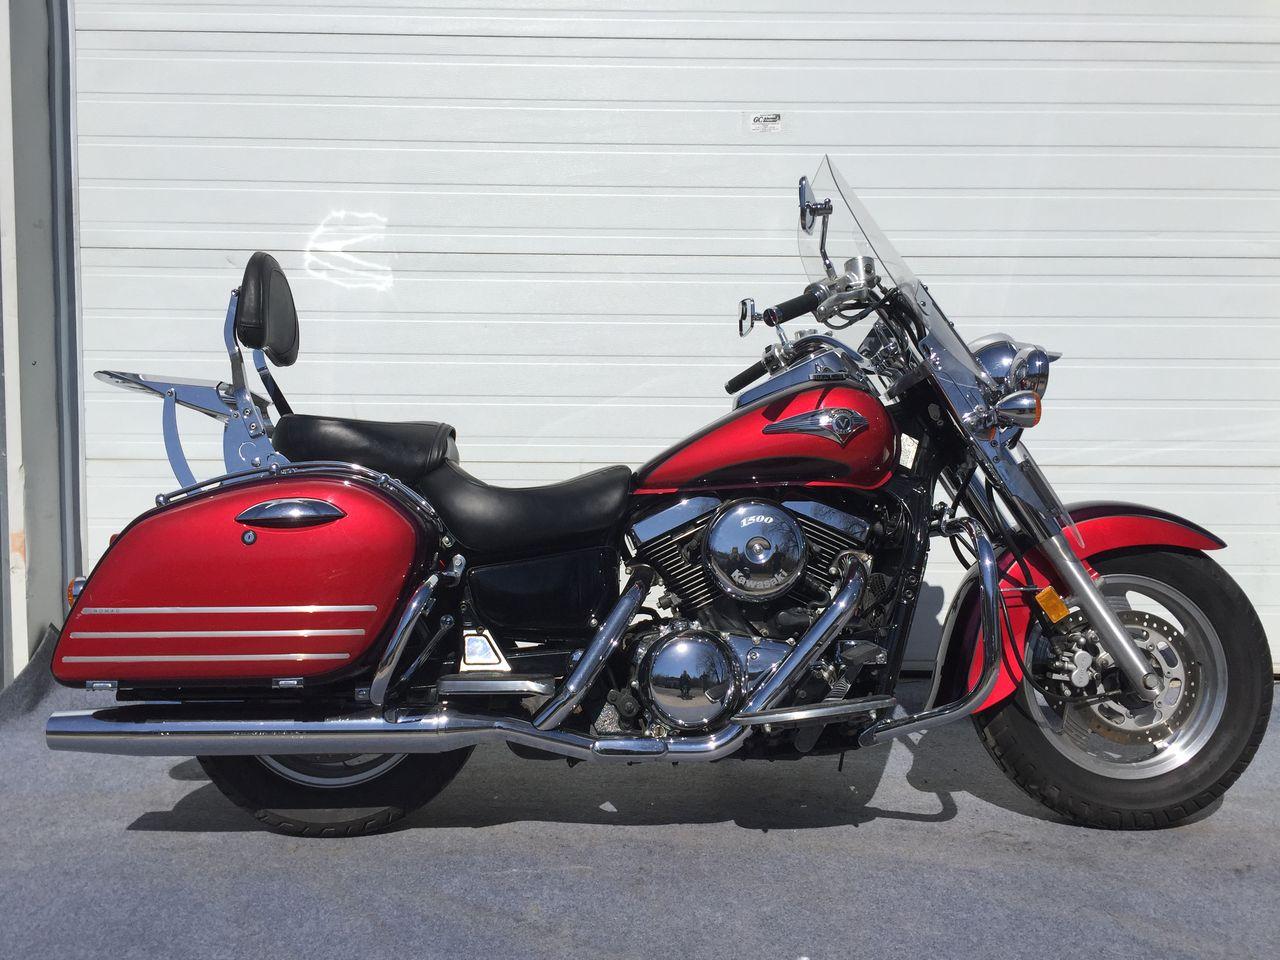 1999 Kawasaki VN1500 Nomad 3,995$